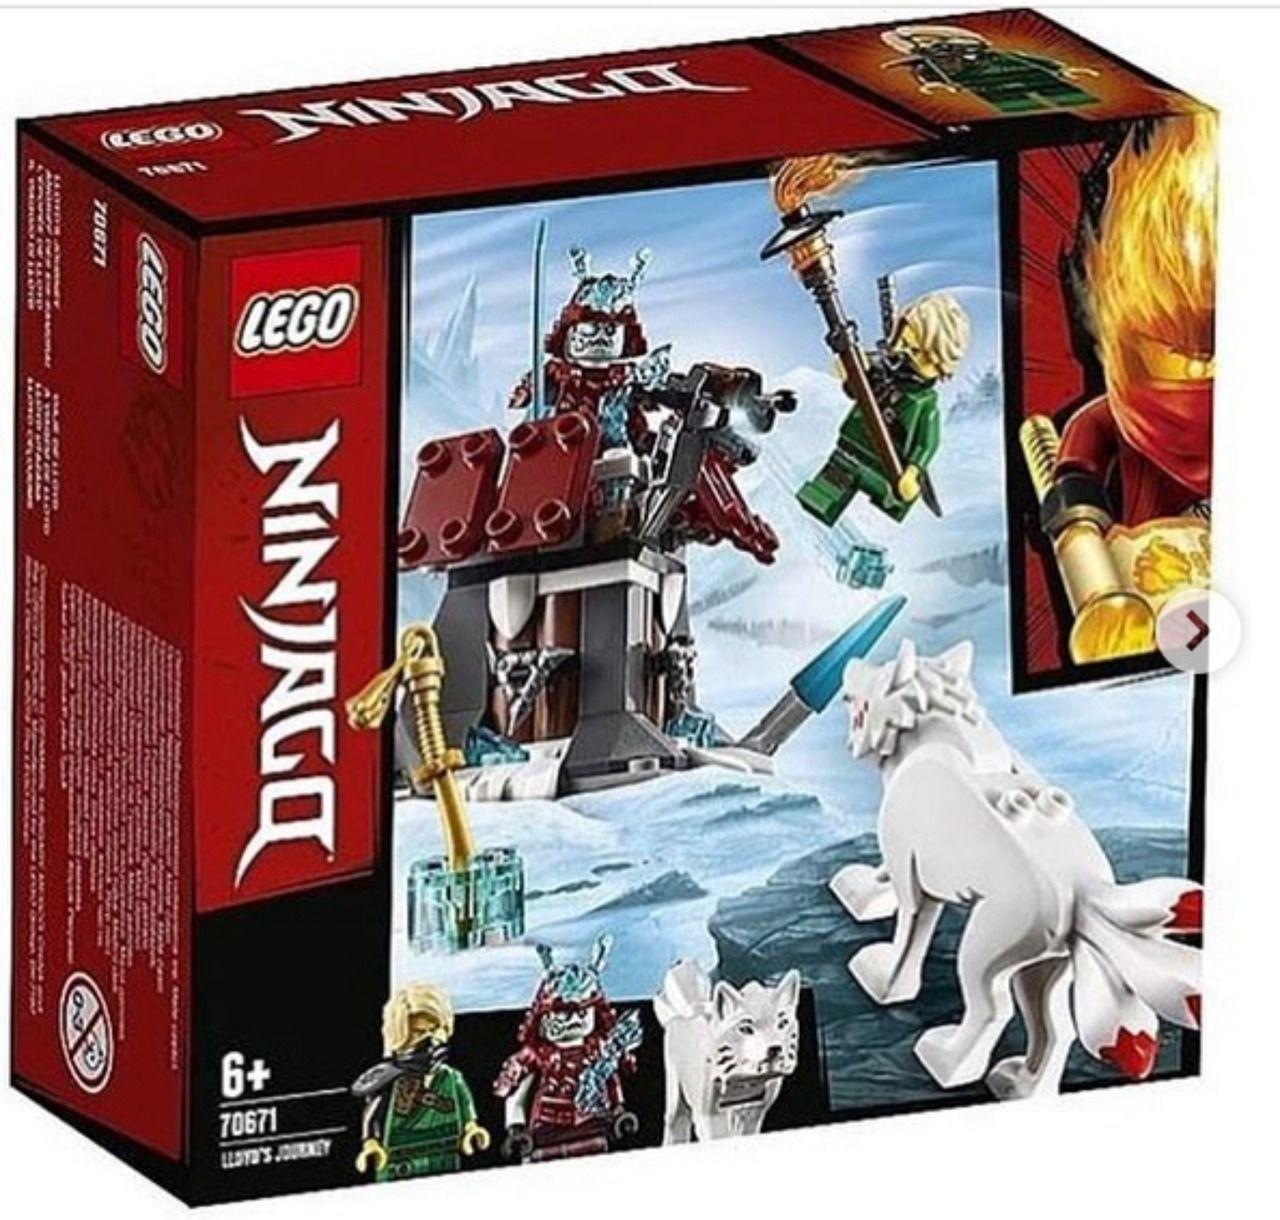 Pin By Matvei On Ninjago Season 11 Lego Ninjago Lloyd Lego